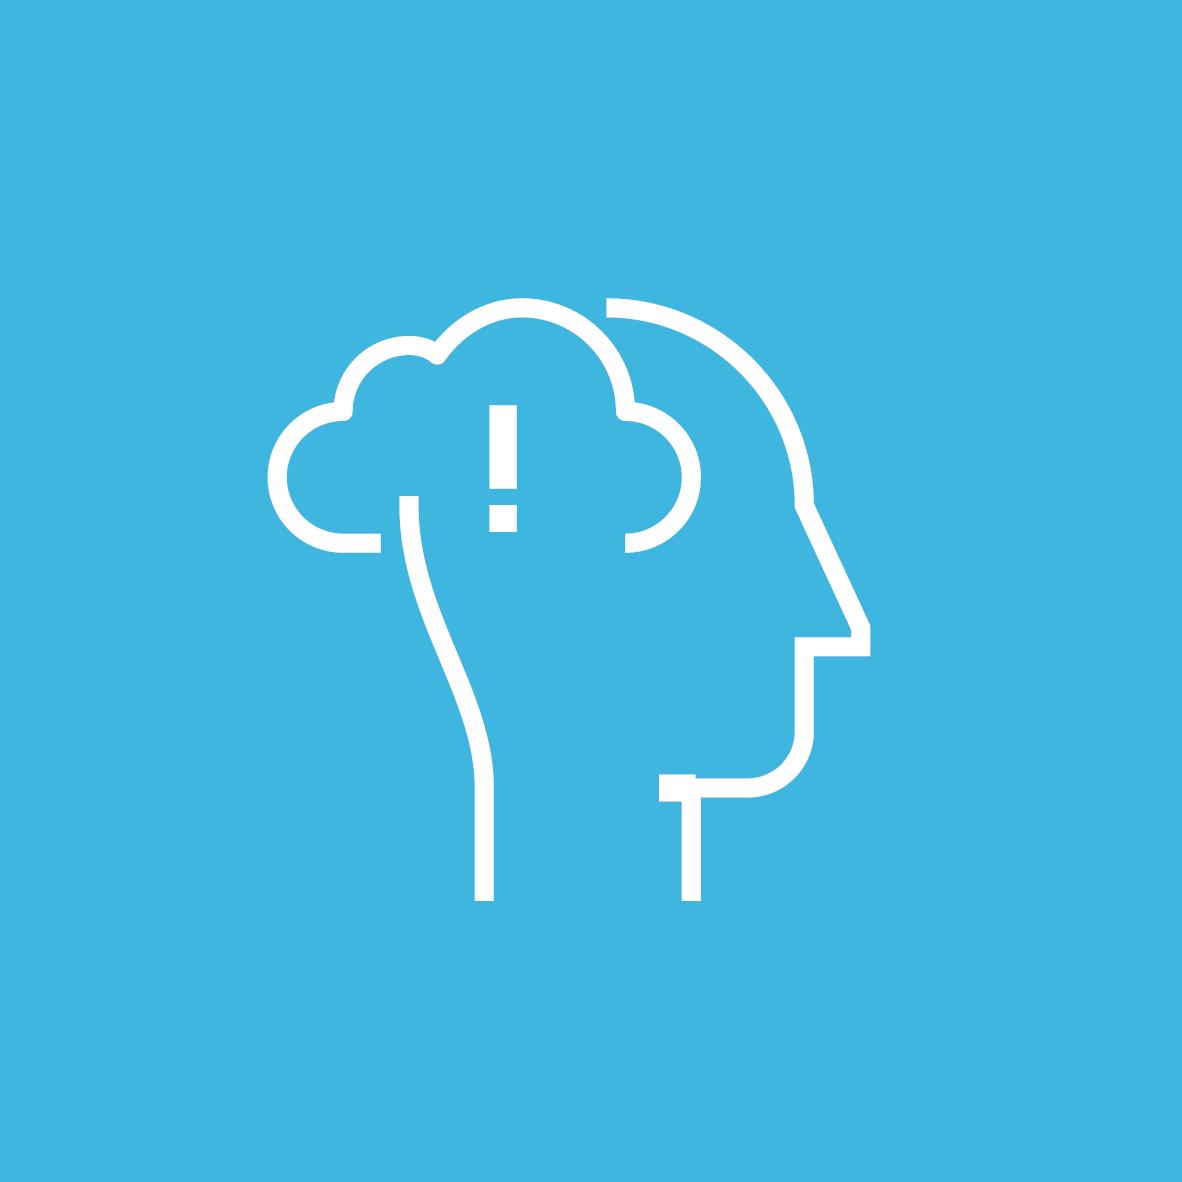 Oro - Om du känner dig orolig och spänd och tankarna lever sitt eget liv. Det är lätt att köra fast i en negativ känsla om lösningen känns långt bort. Ofta signalerar kroppen att något inte stämmer och ibland kan oron övergå i ångest. Genom att lyssna på dessa signaler och tänka tillsammans kring vad allt detta handlar om kan man hitta en ny balans.